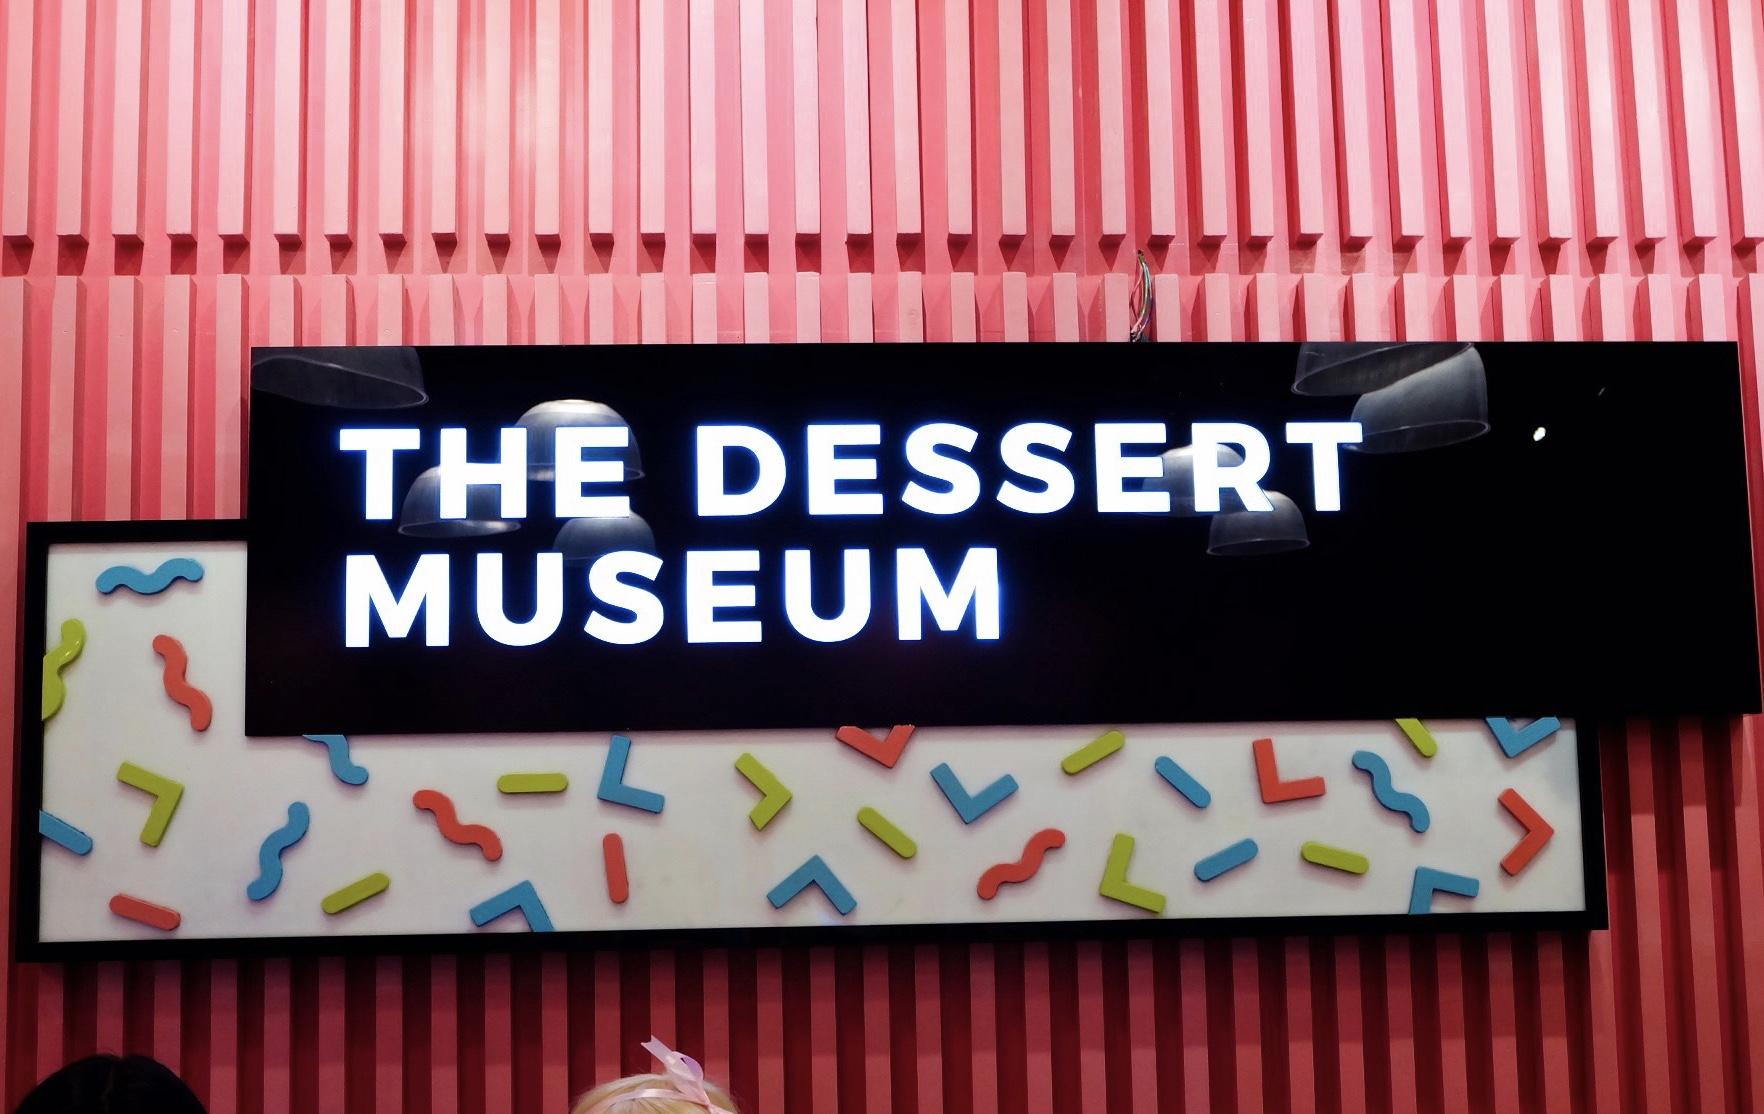 iamkimcharlie-the-dessert-museum-09